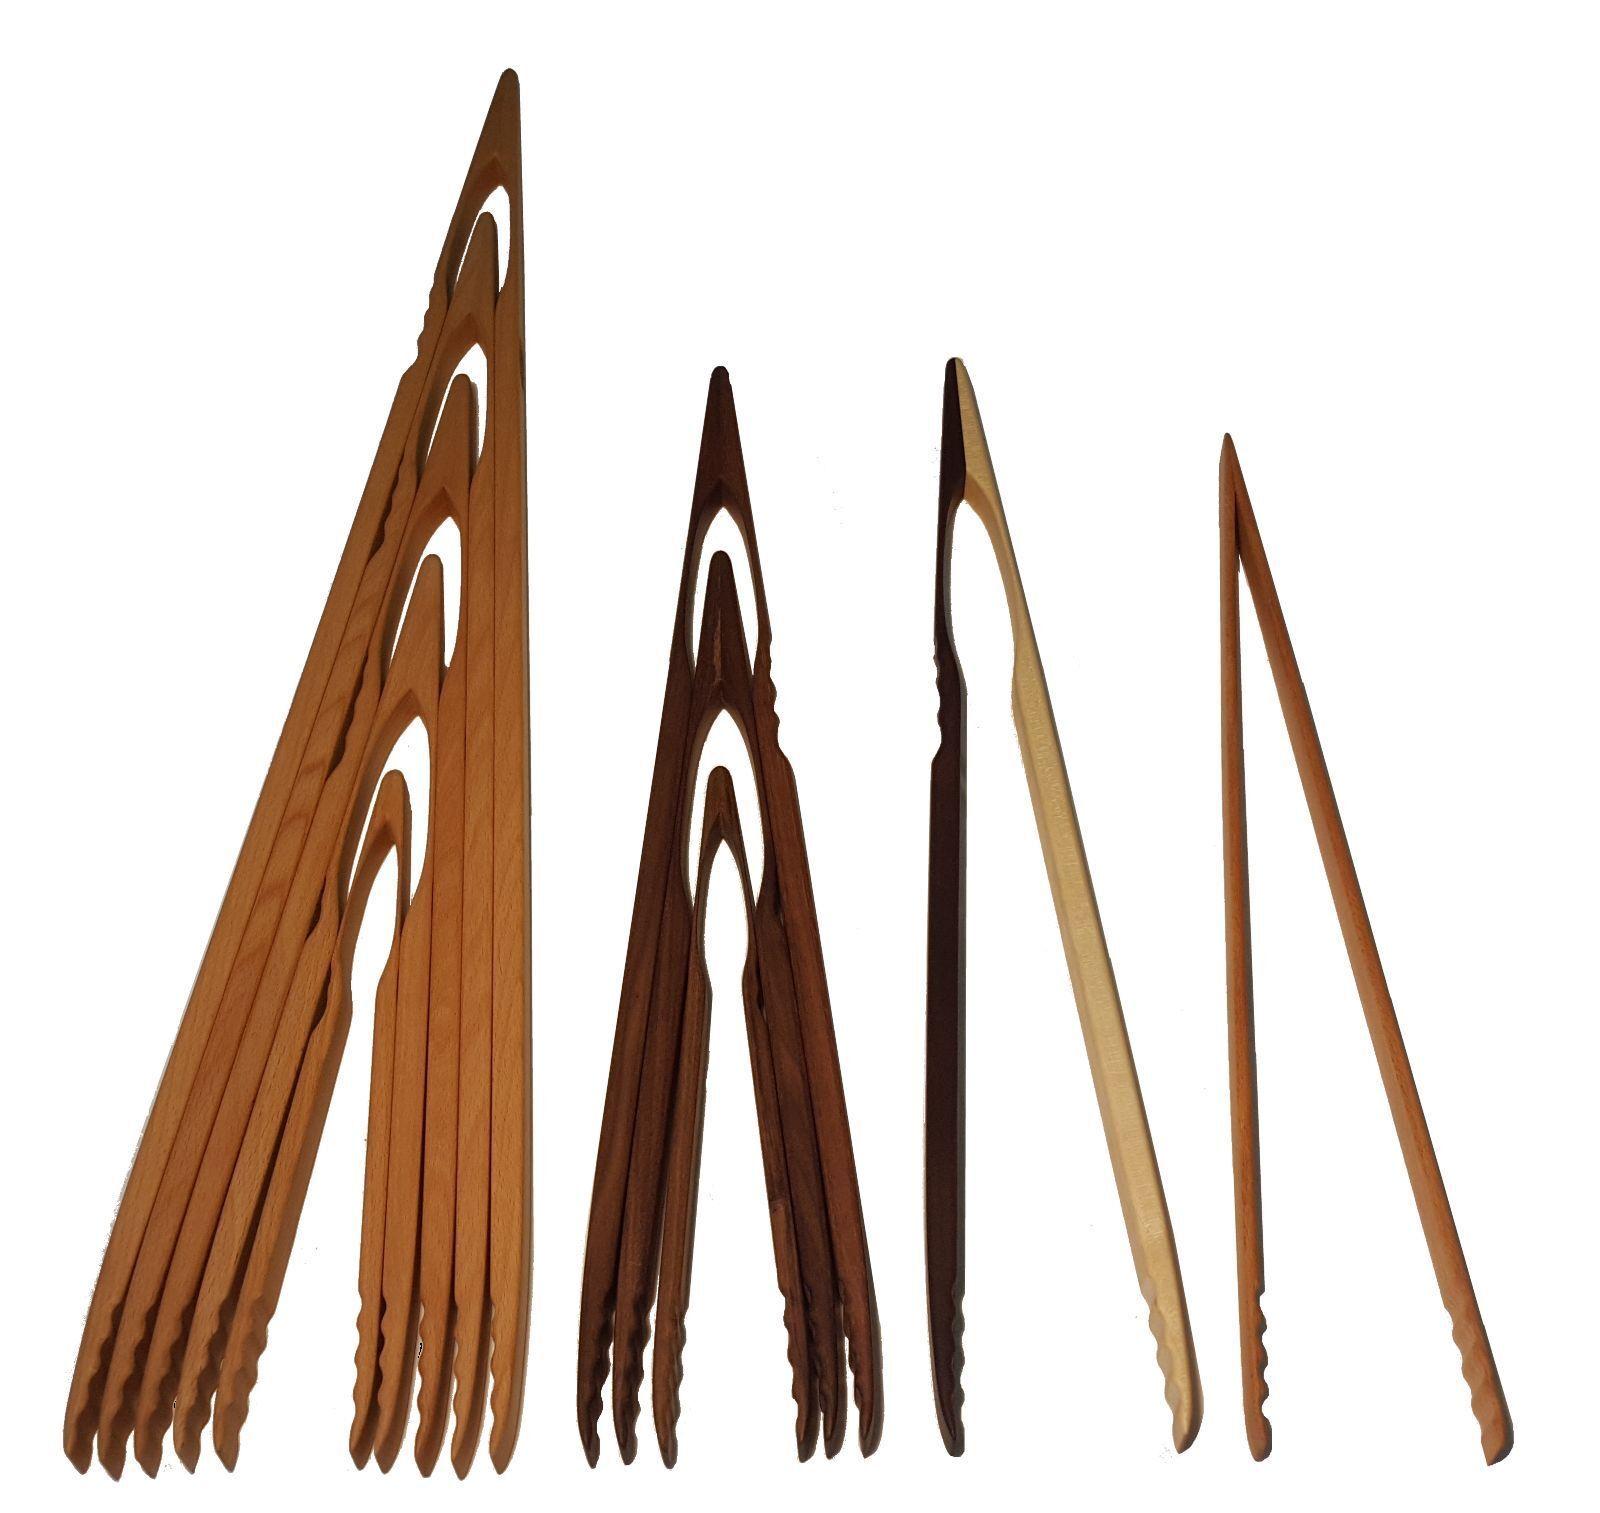 Profi Grillzange aus Holz Küchenzange Buche oder Nussbaum BBQ Zange Holzzange